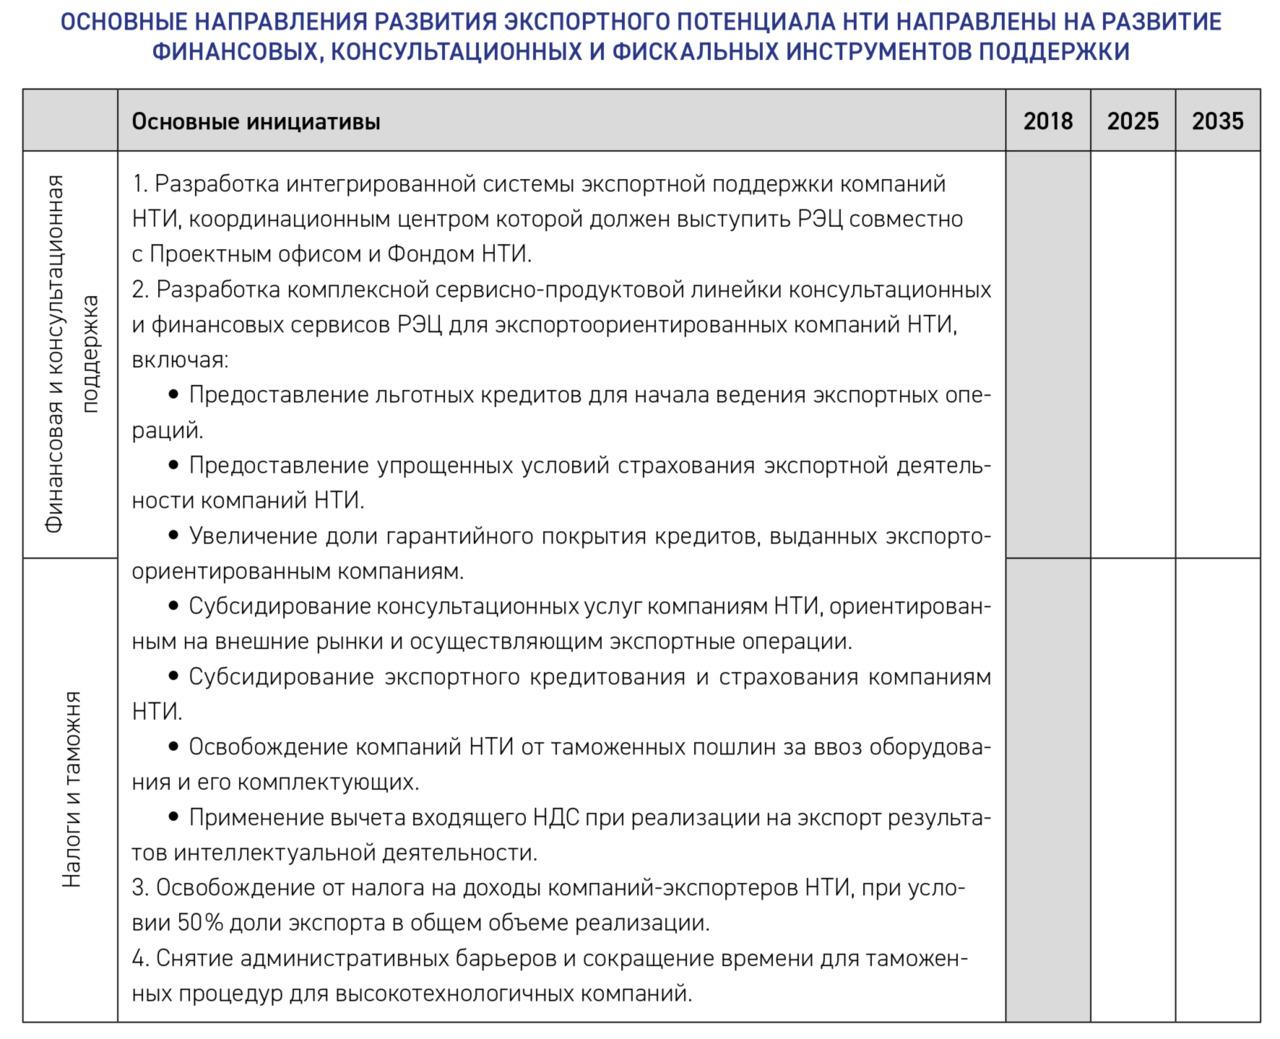 Иторговые контрольные работы 2 класс 2 четверть школа россии